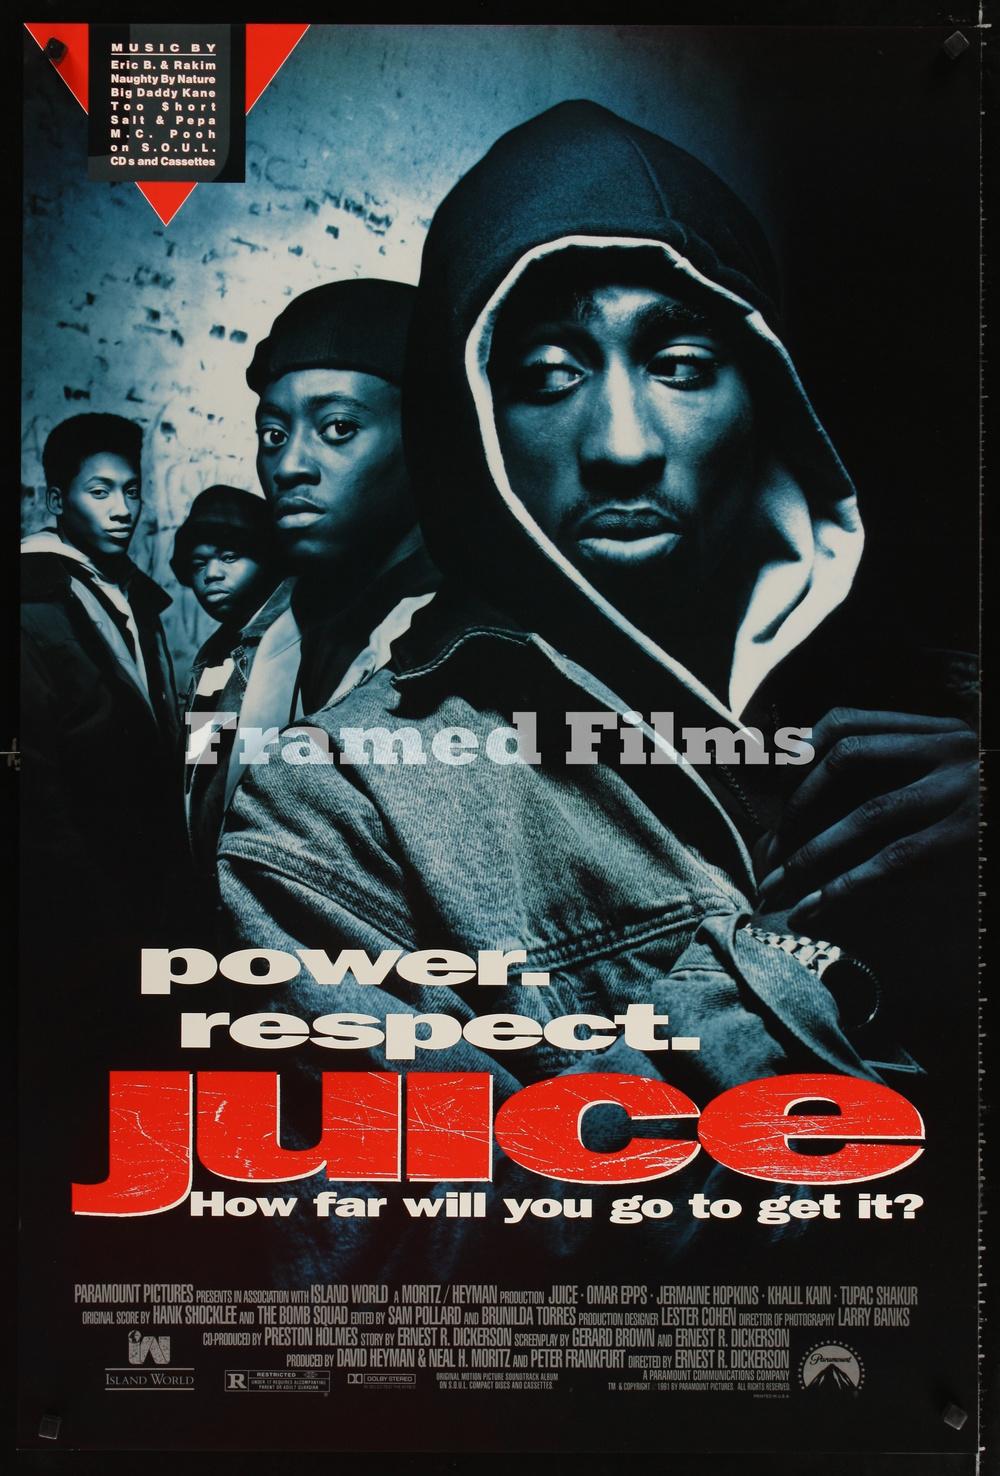 juice_JC05287_L.jpg